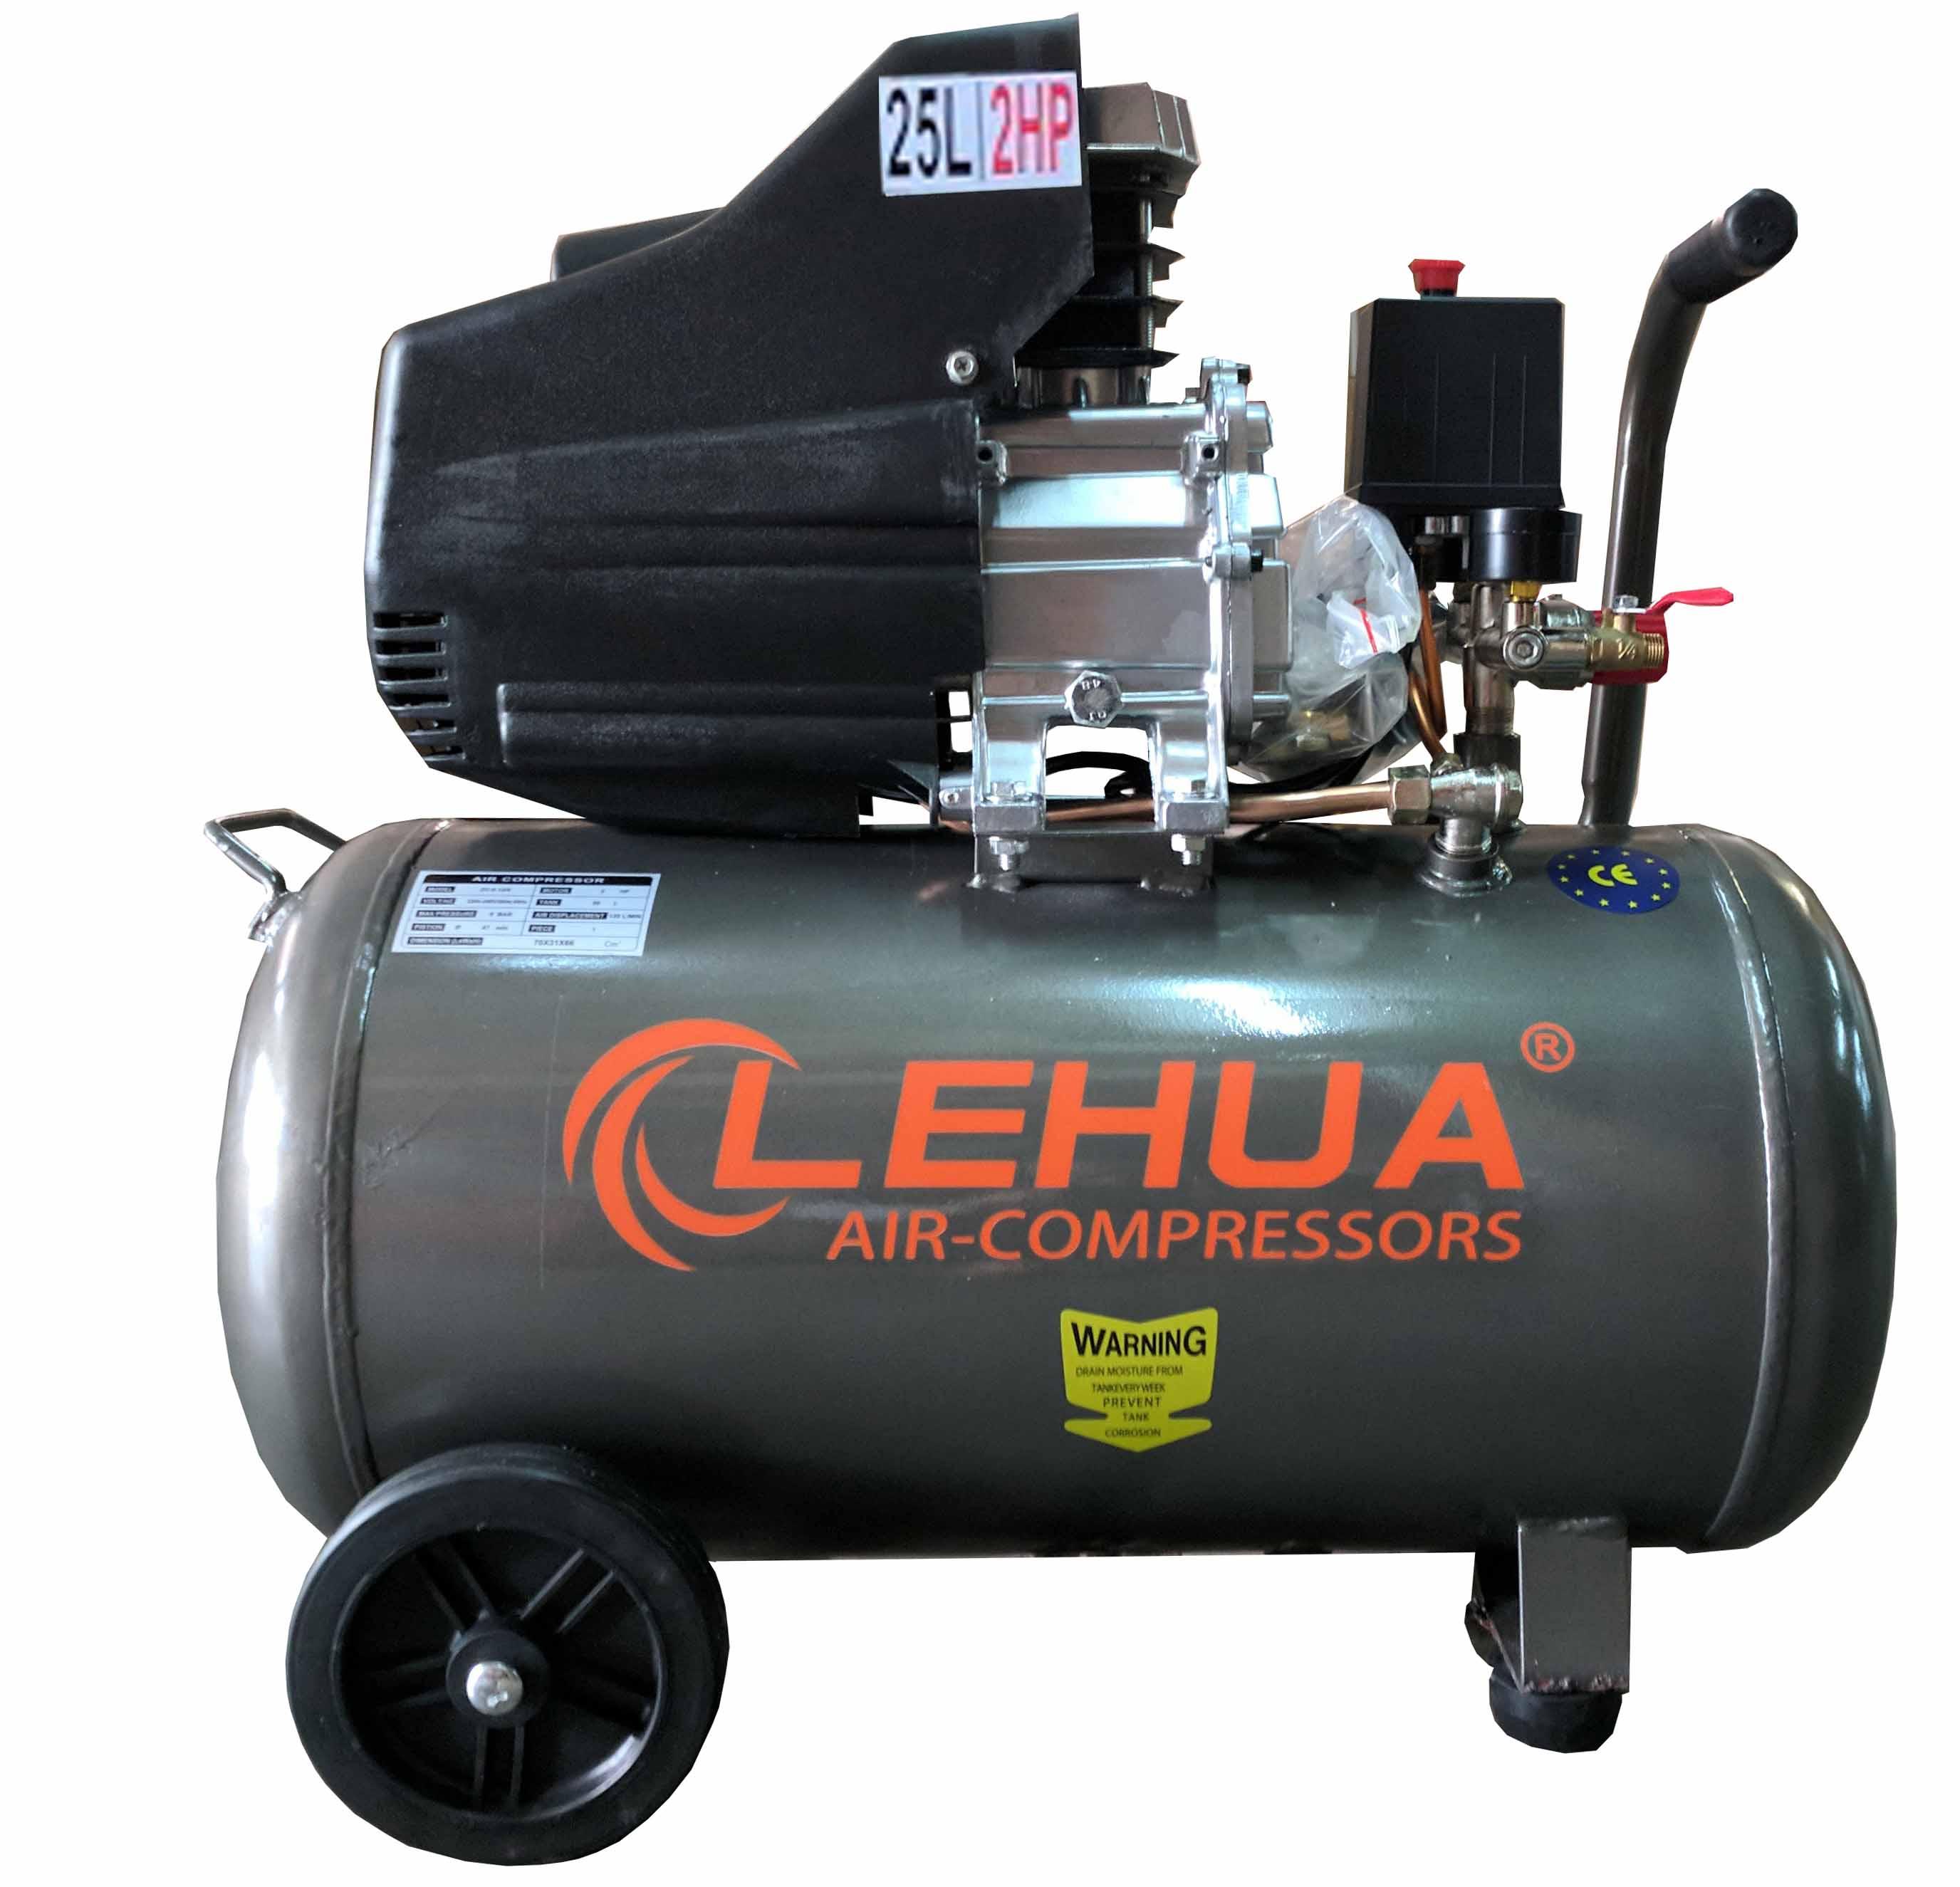 Lehua Air Compressors